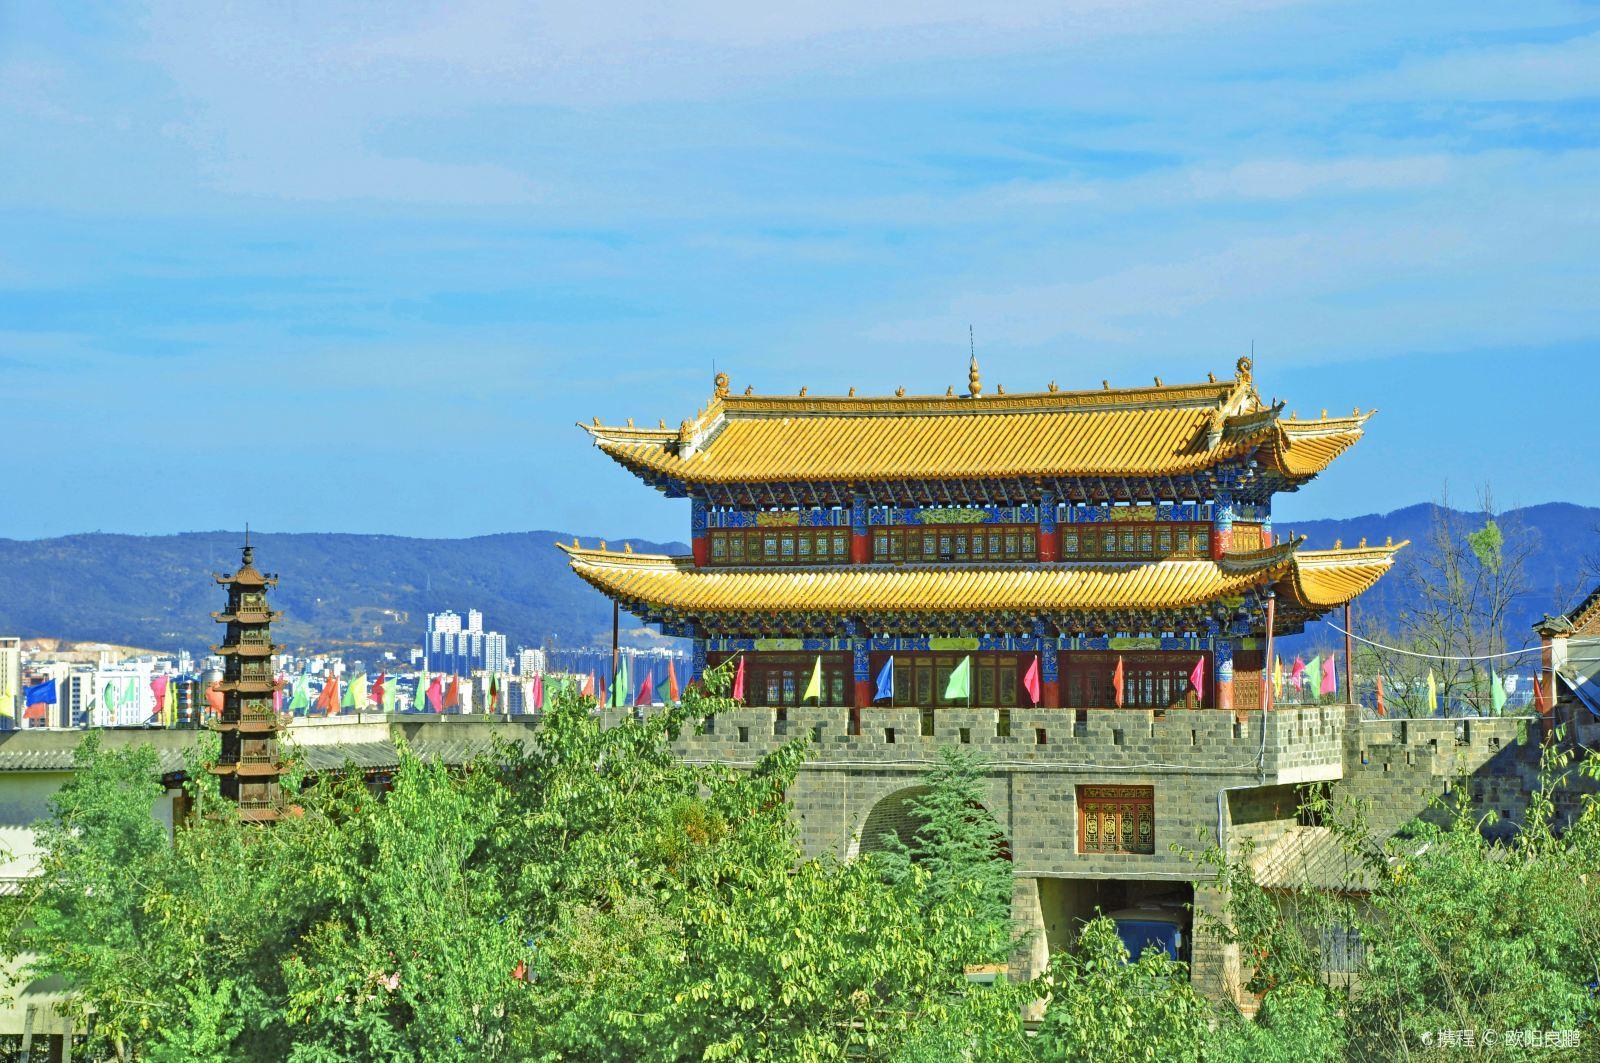 丽江旅游指南,第一次来丽江,需要了解景点信息图